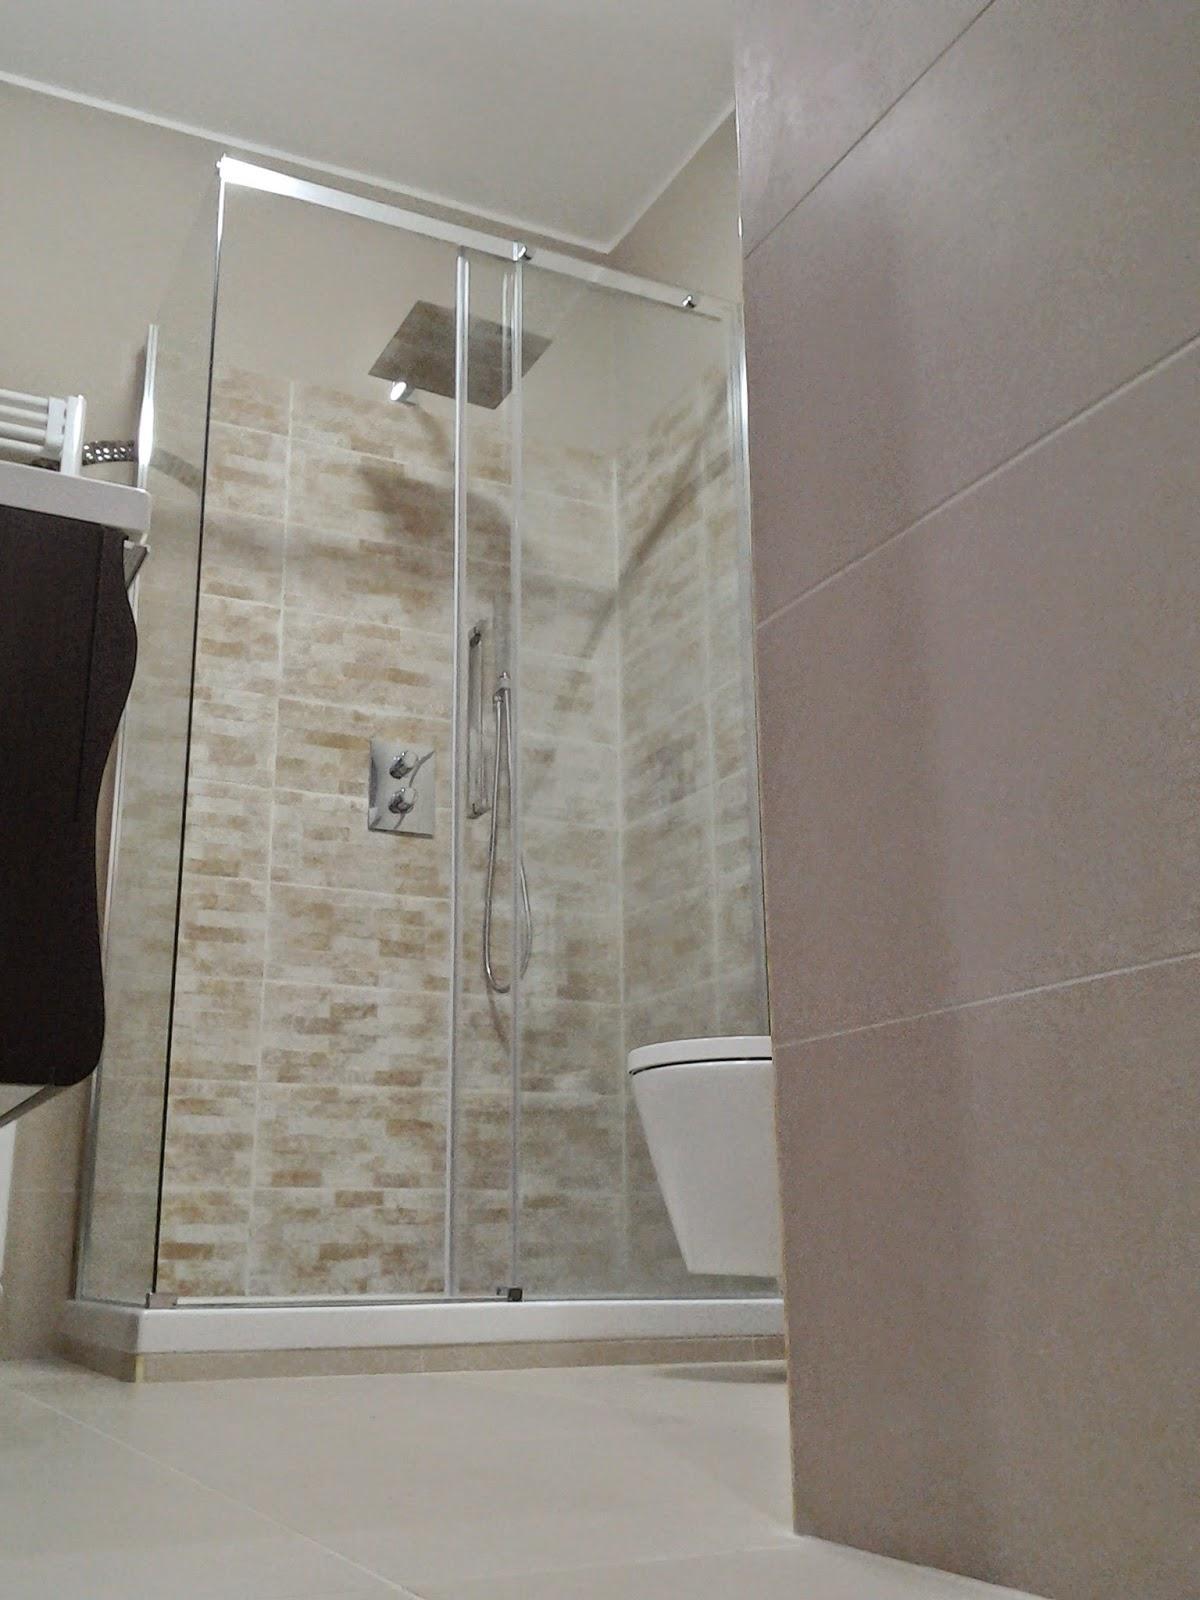 Architetto gaetano frud bagno moderno - Bagno finta muratura ...